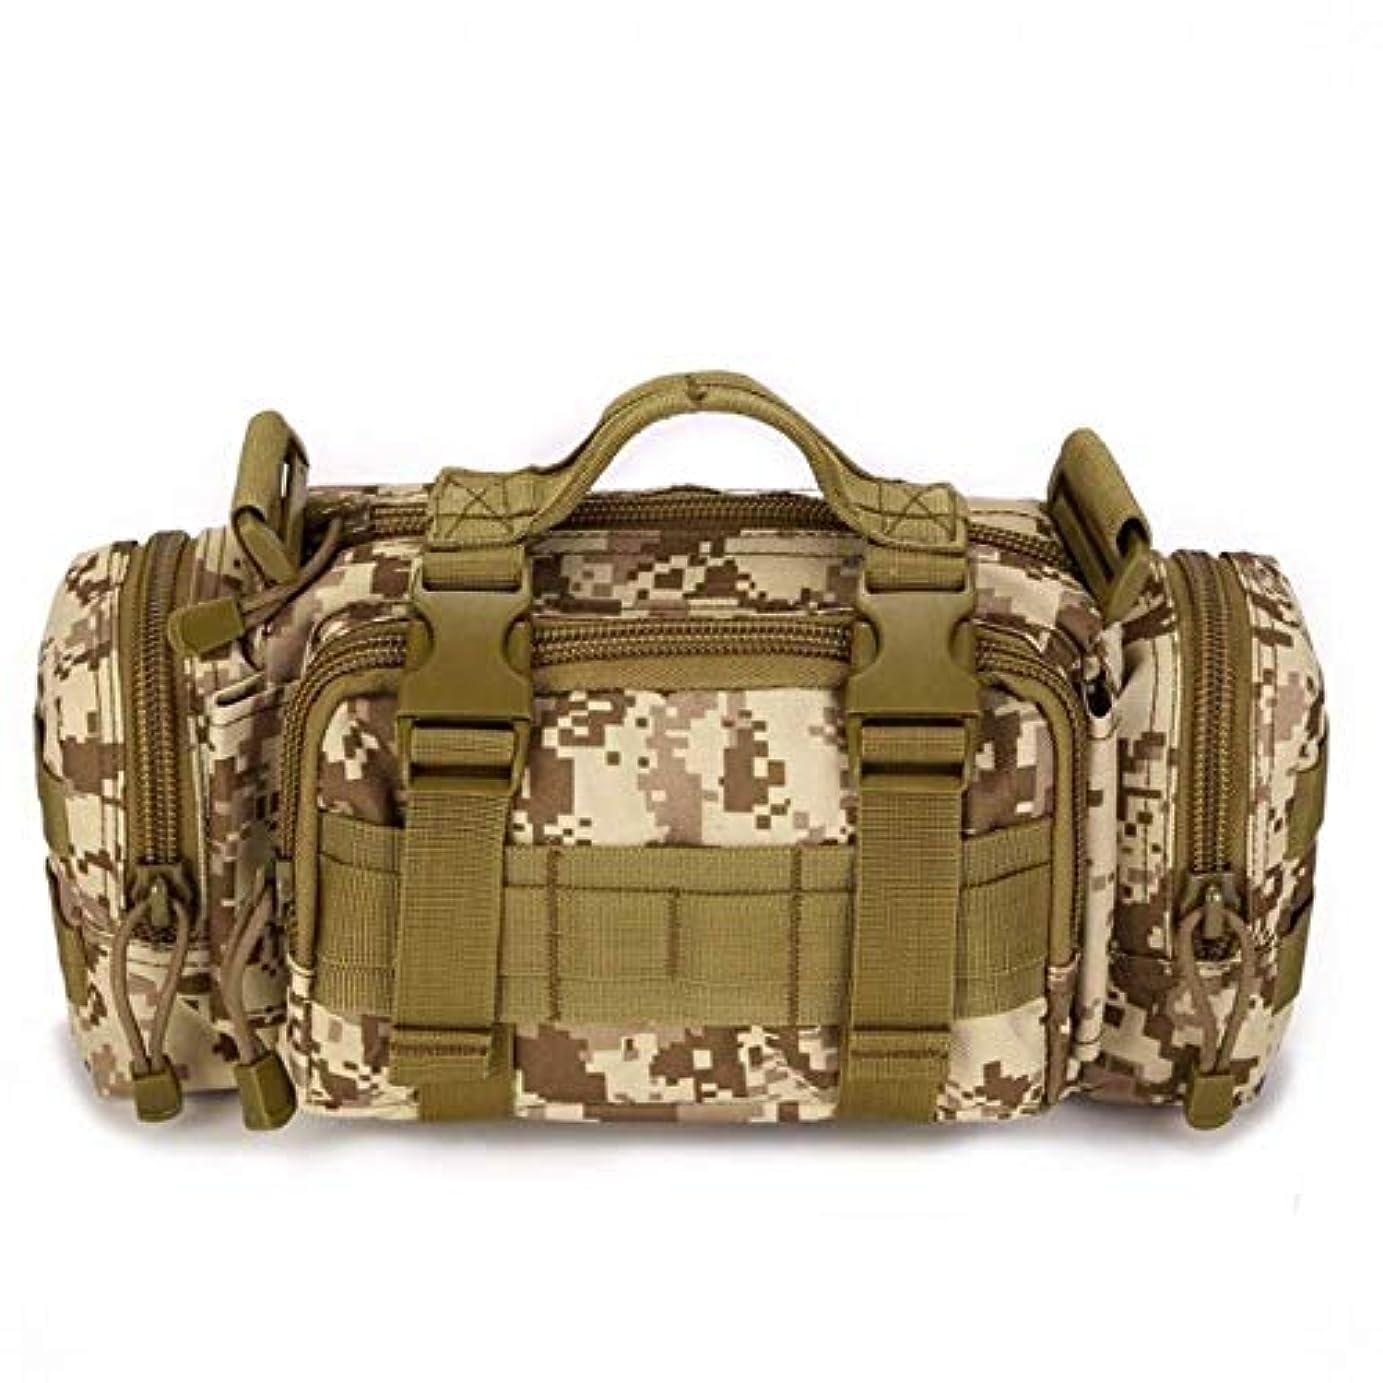 キャンバスローストデッキBEREAM 釣りバッグ つり バッグ fishing bag 600D 防水 ナイロン